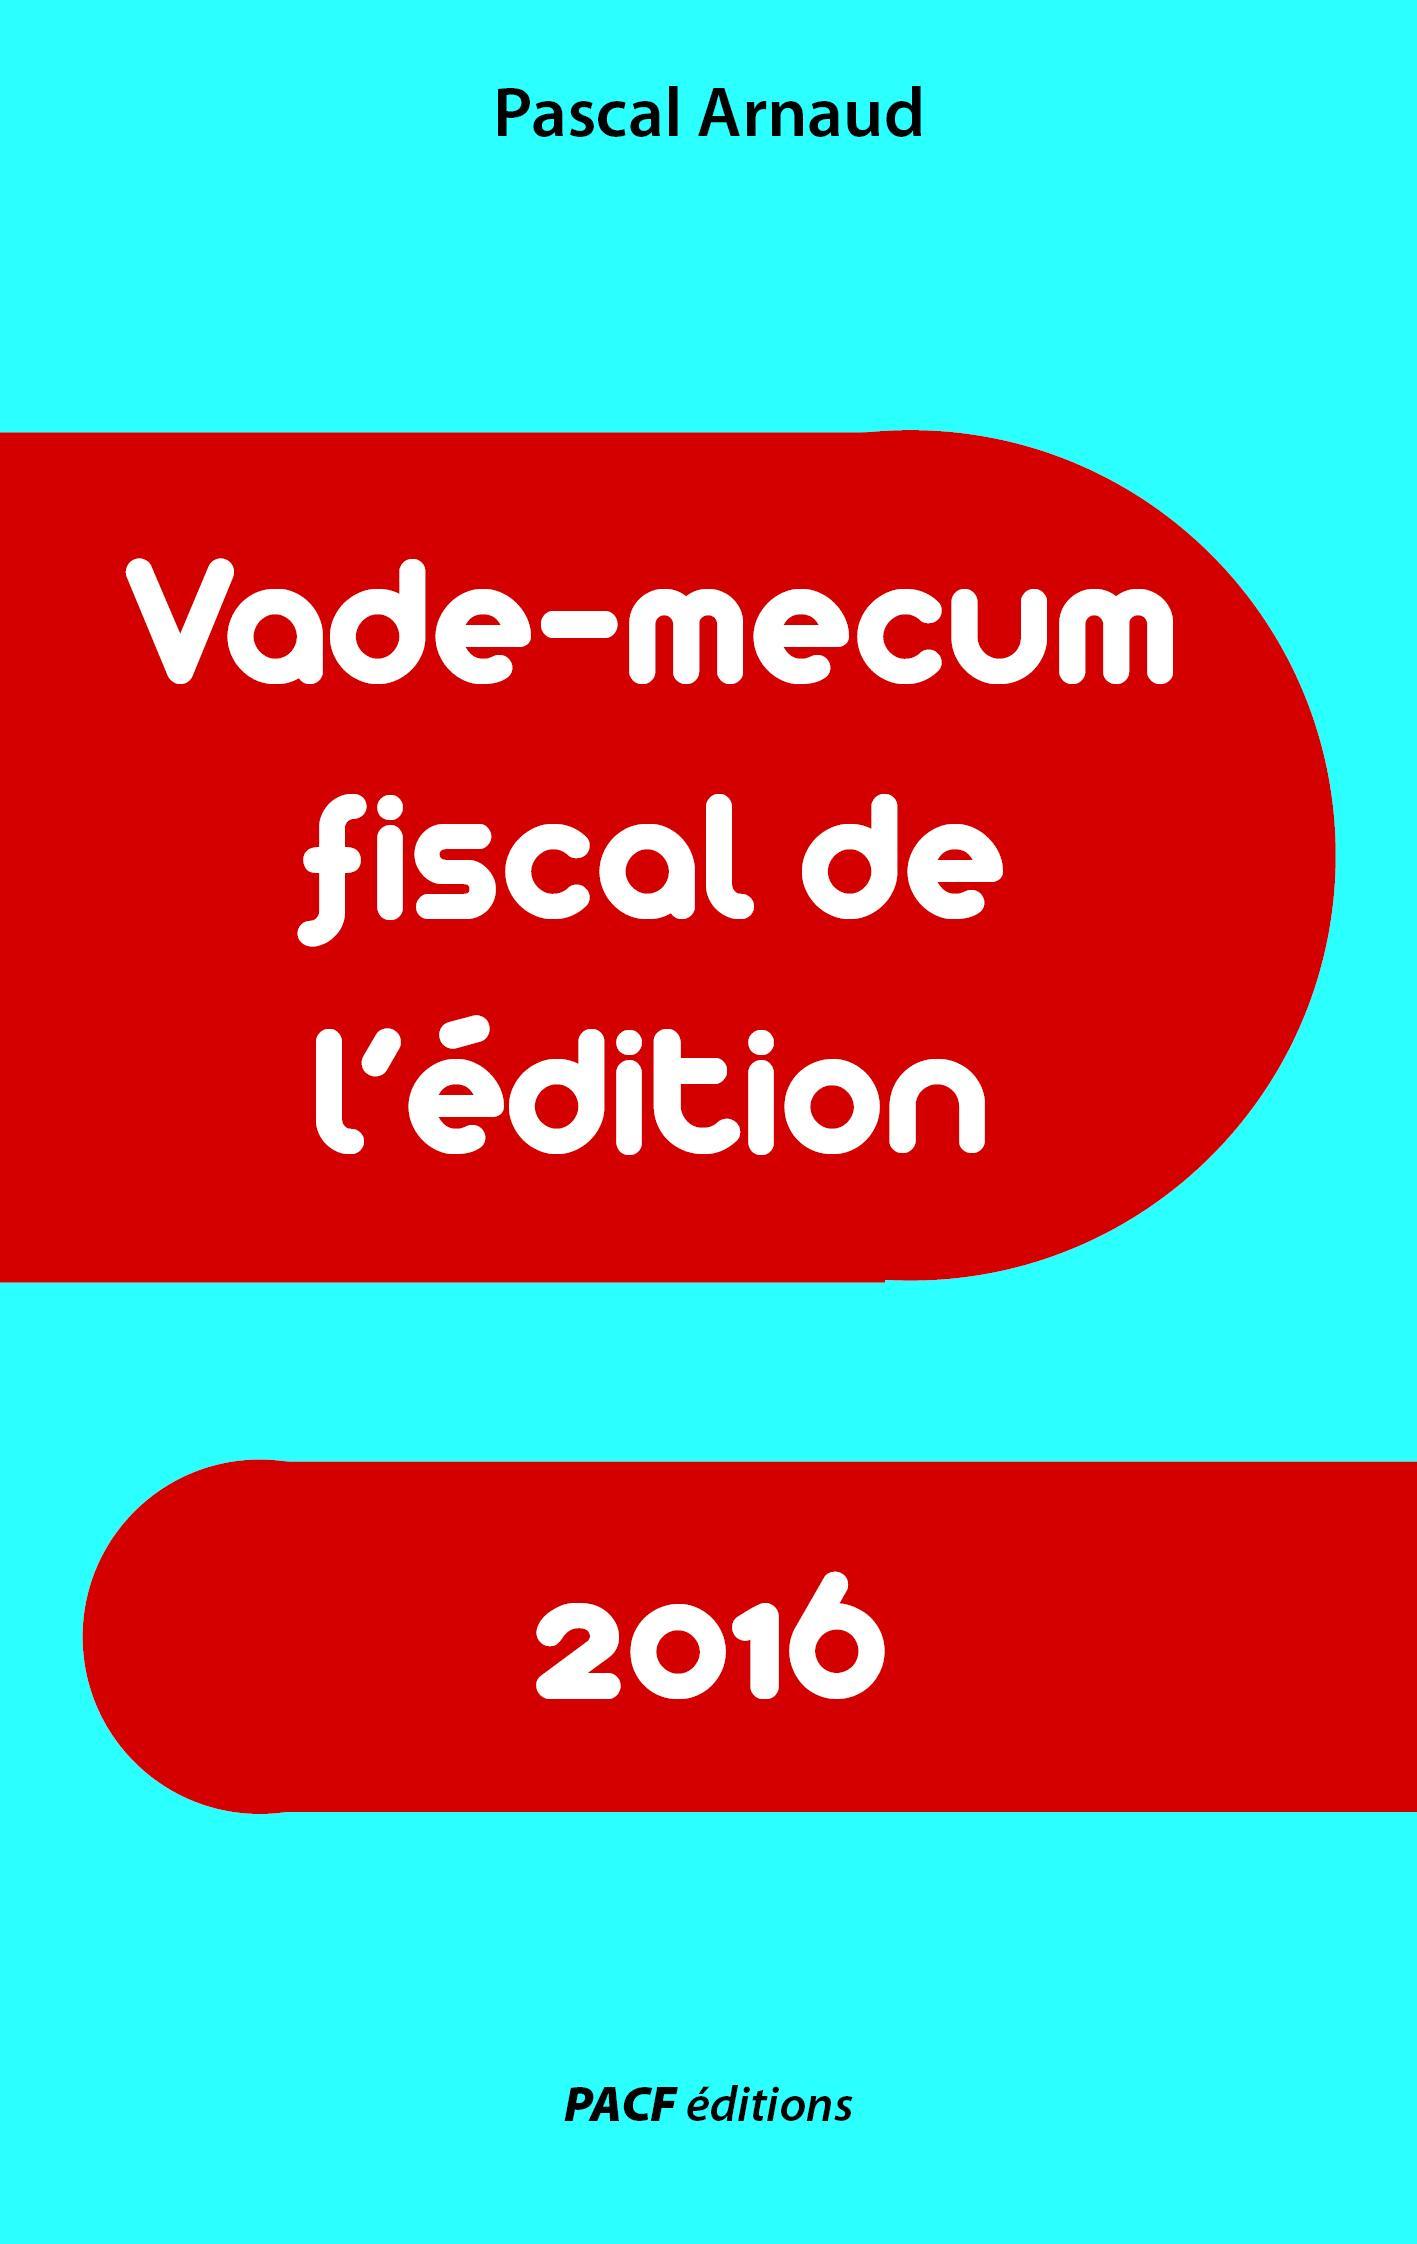 Vade-mecum fiscal de l'édition 2016